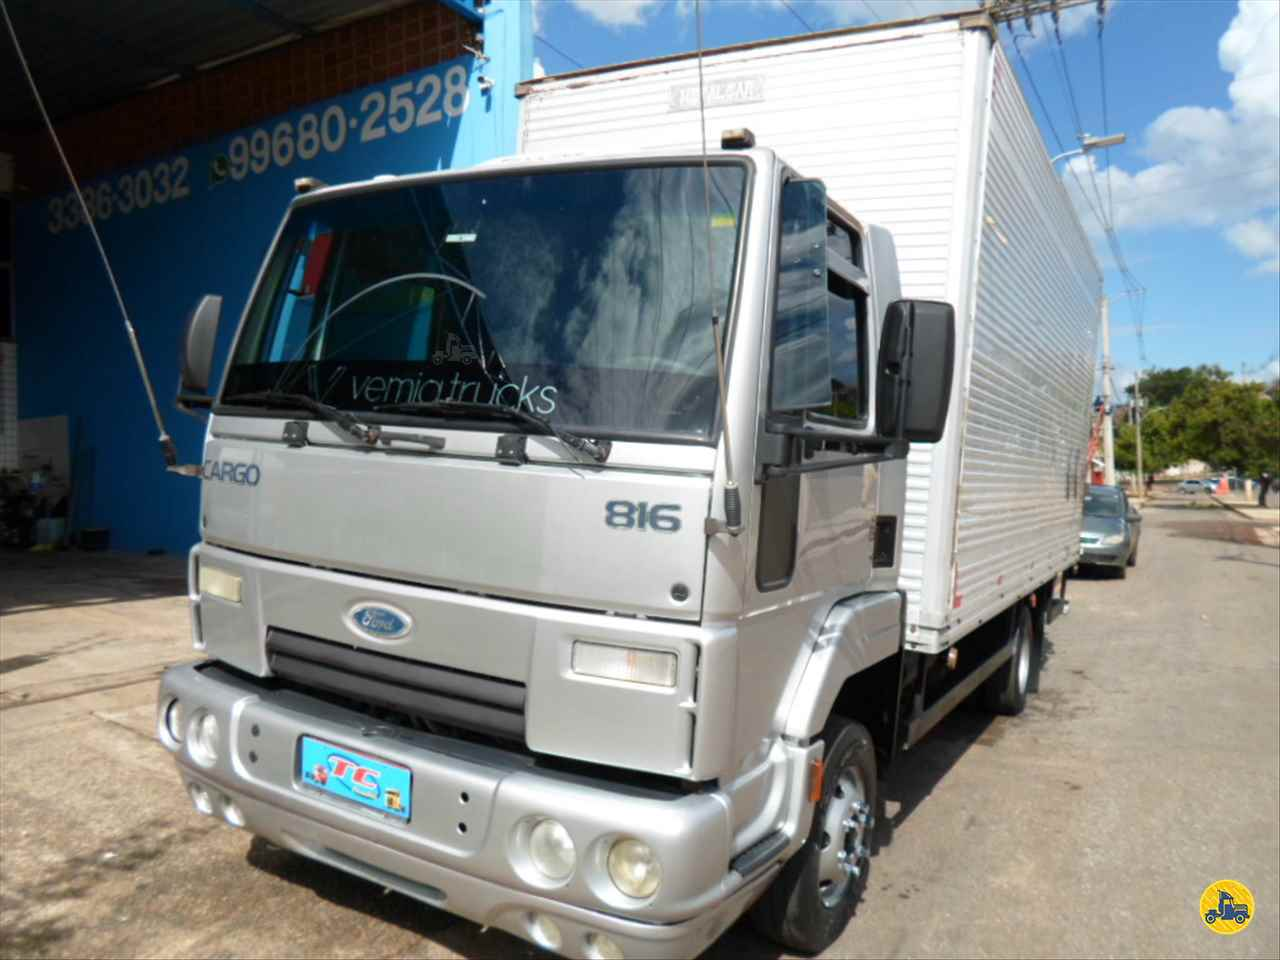 CAMINHAO FORD CARGO 816 Baú Furgão 3/4 4x2 TC Caminhões  BELO HORIZONTE MINAS GERAIS MG